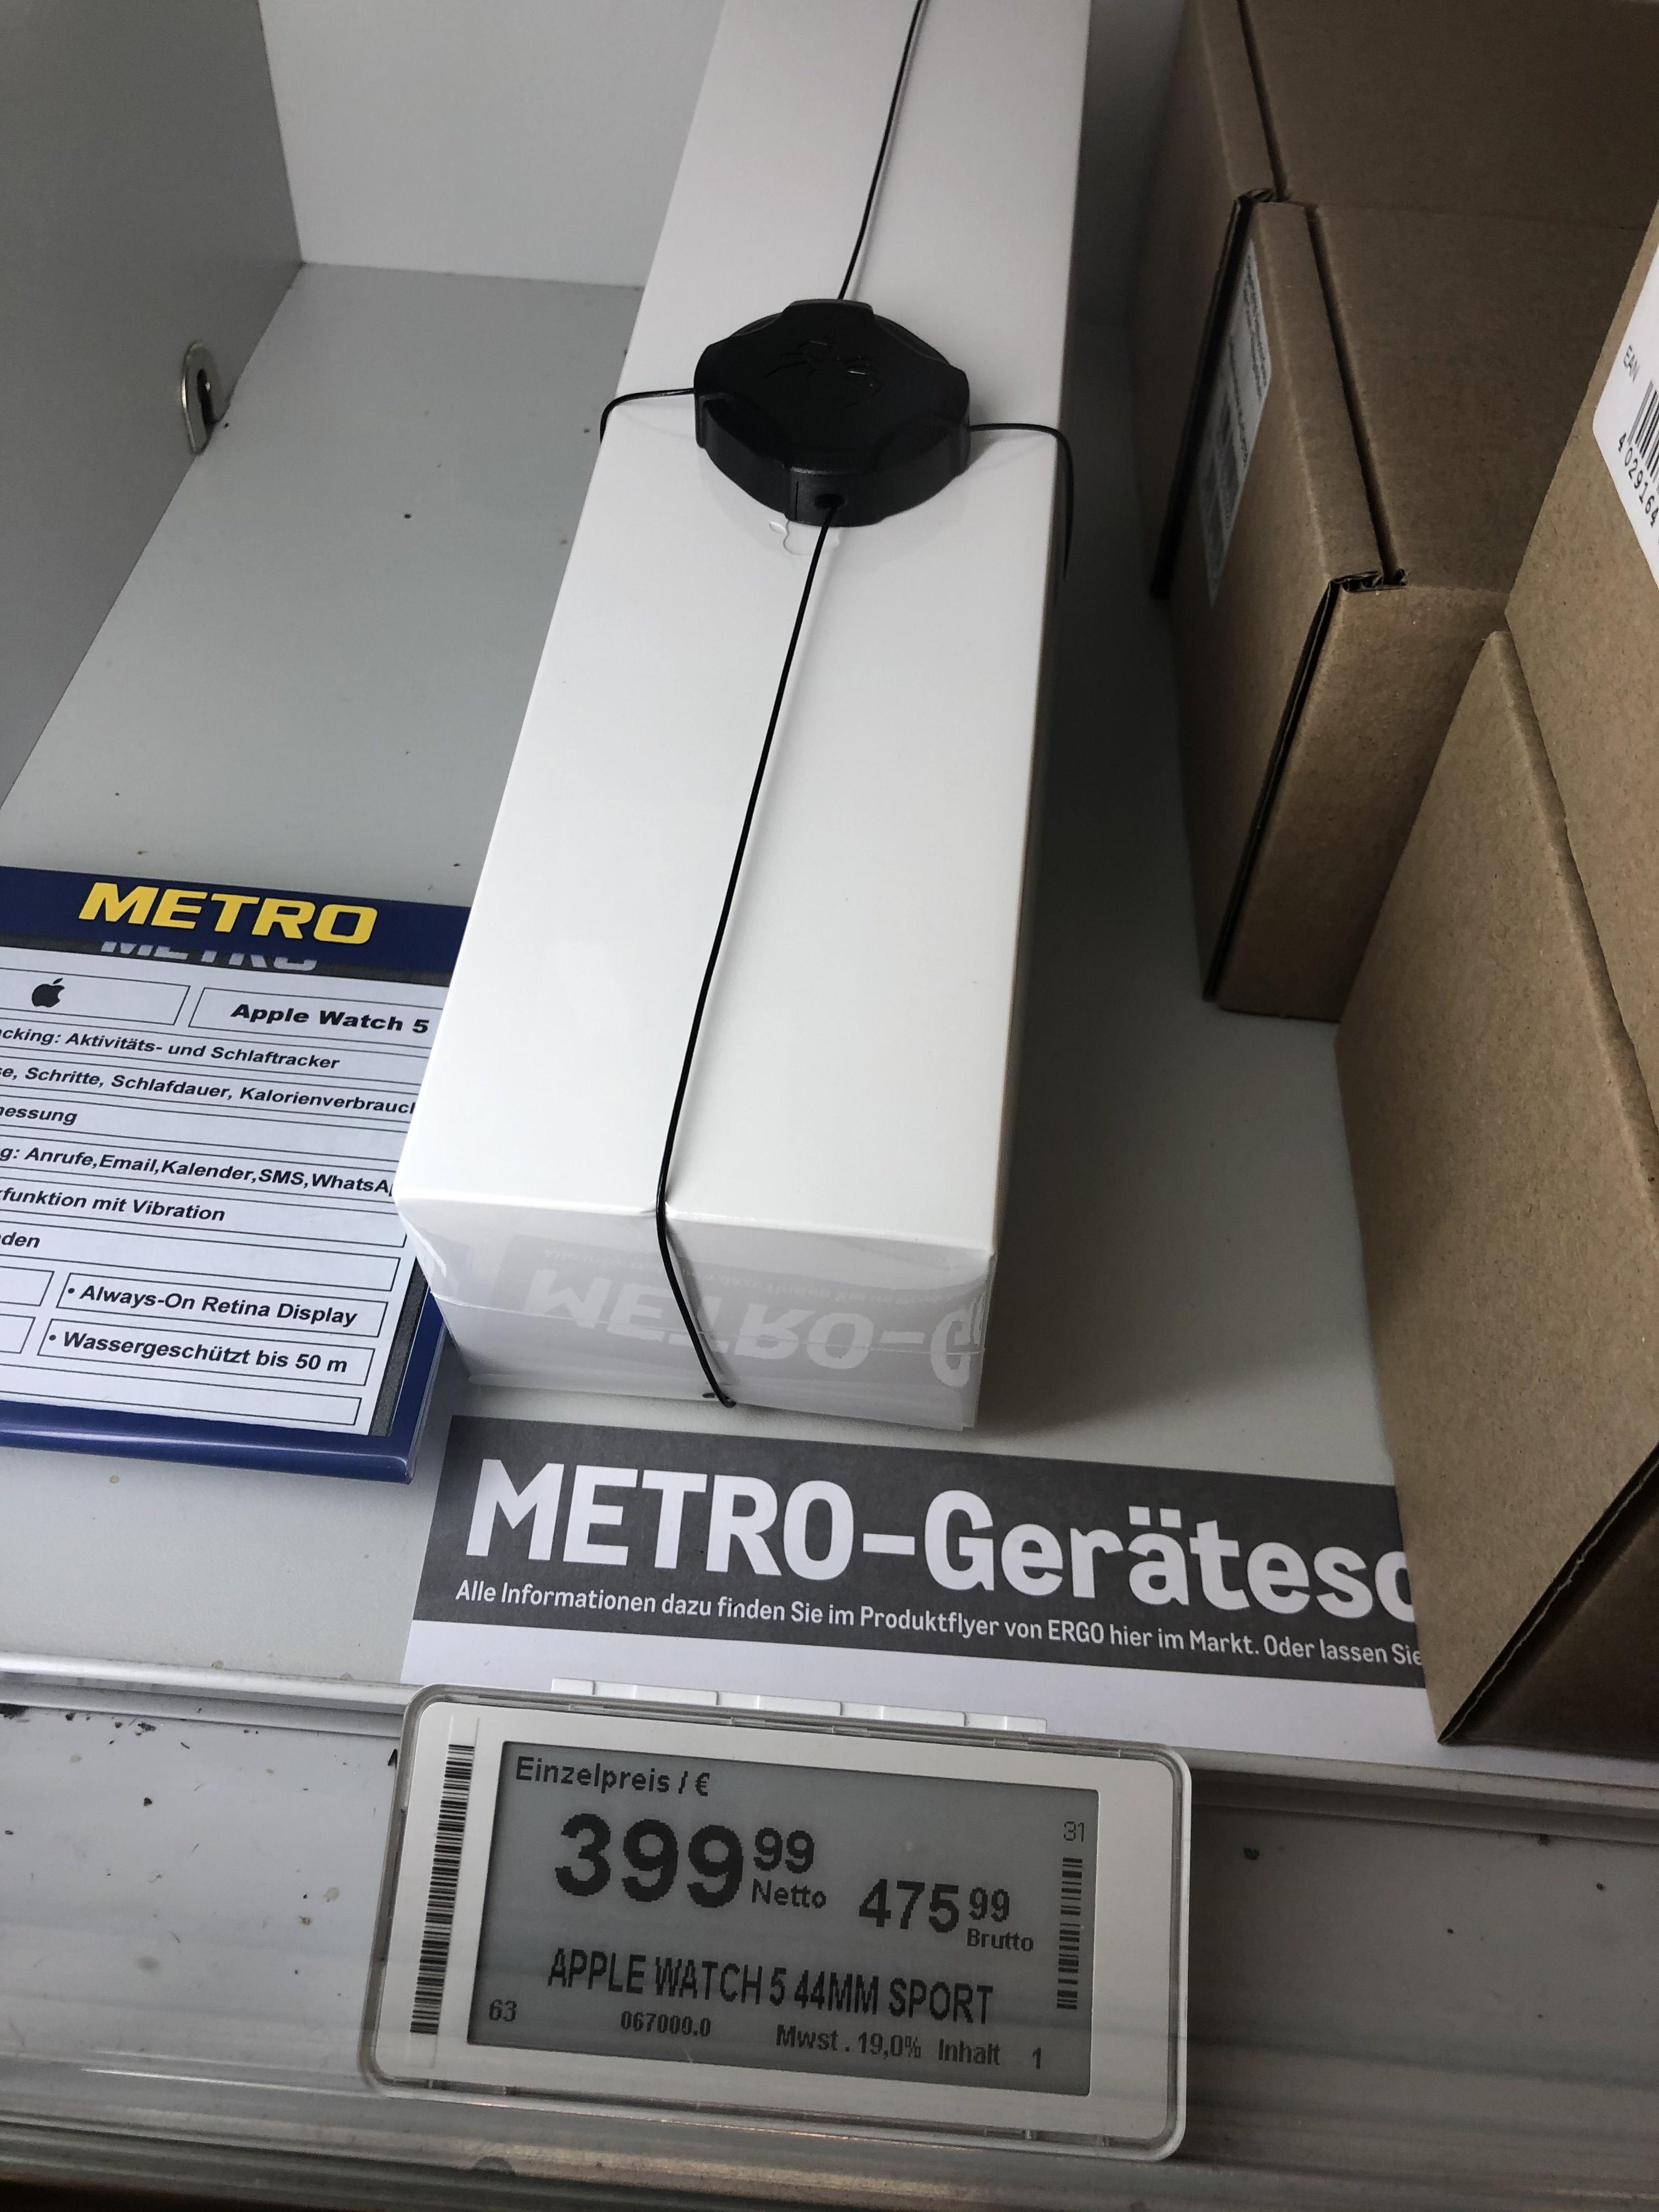 [Lokal] Metro München - Apple Watch 5 44mm Sport